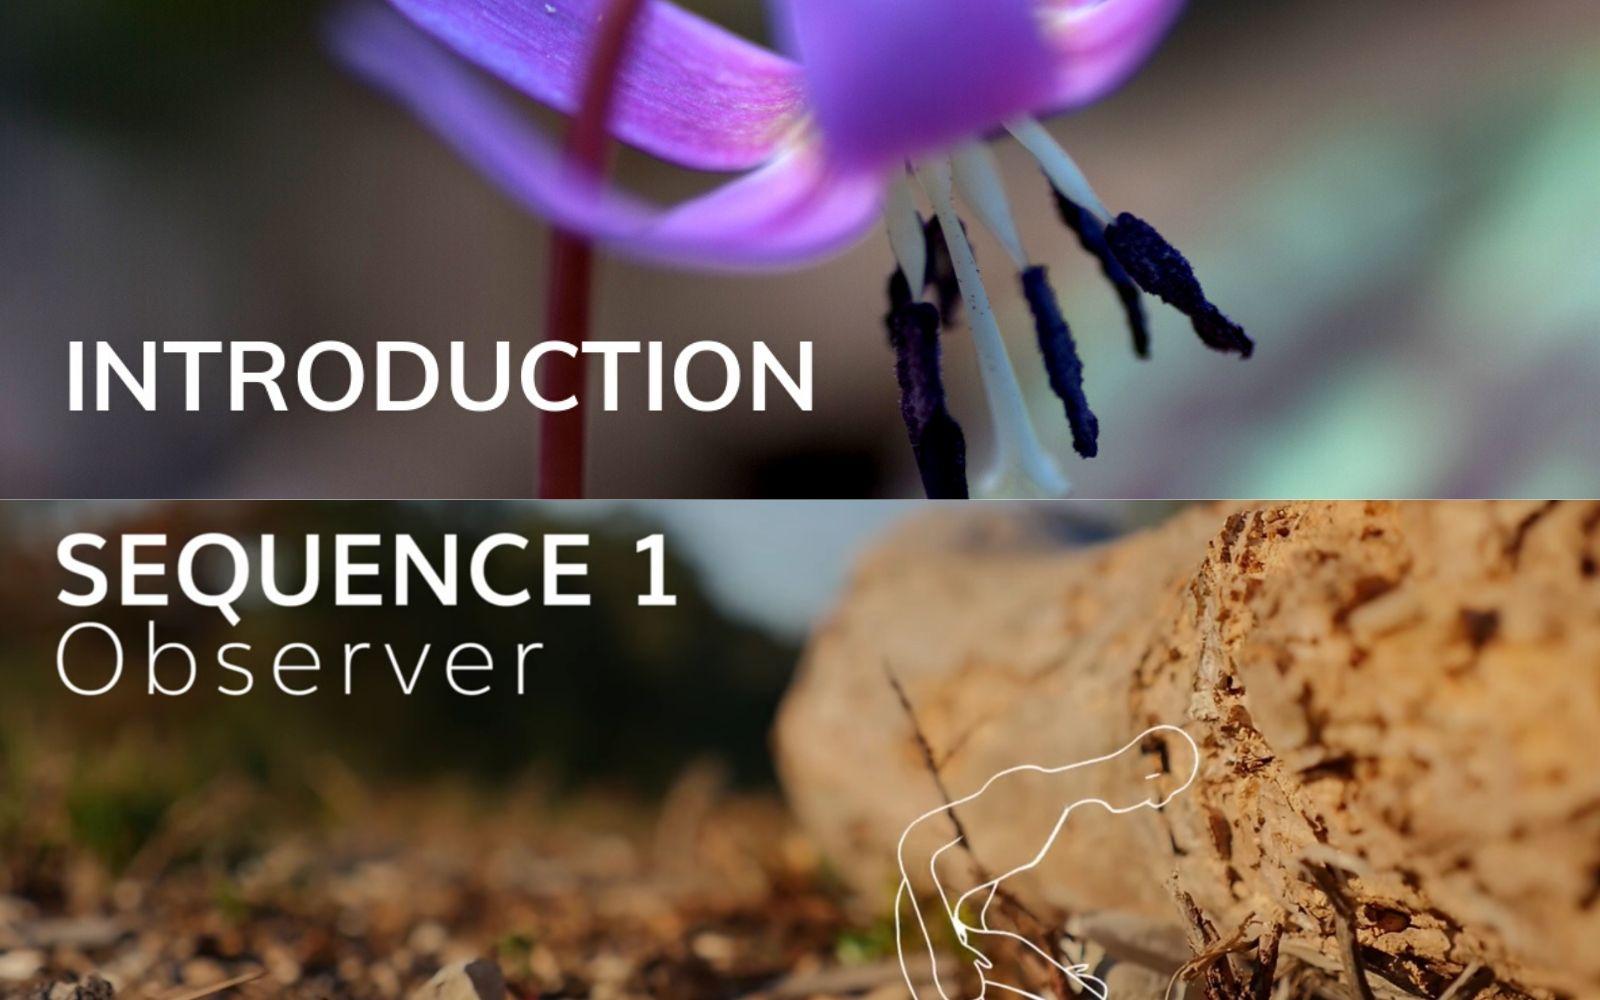 Ça y est, le MOOC Botanique est ouvert ! Cette semaine, deux séquences s'ouvrent pour commencer votre initiation à la botanique : la Séquence 0